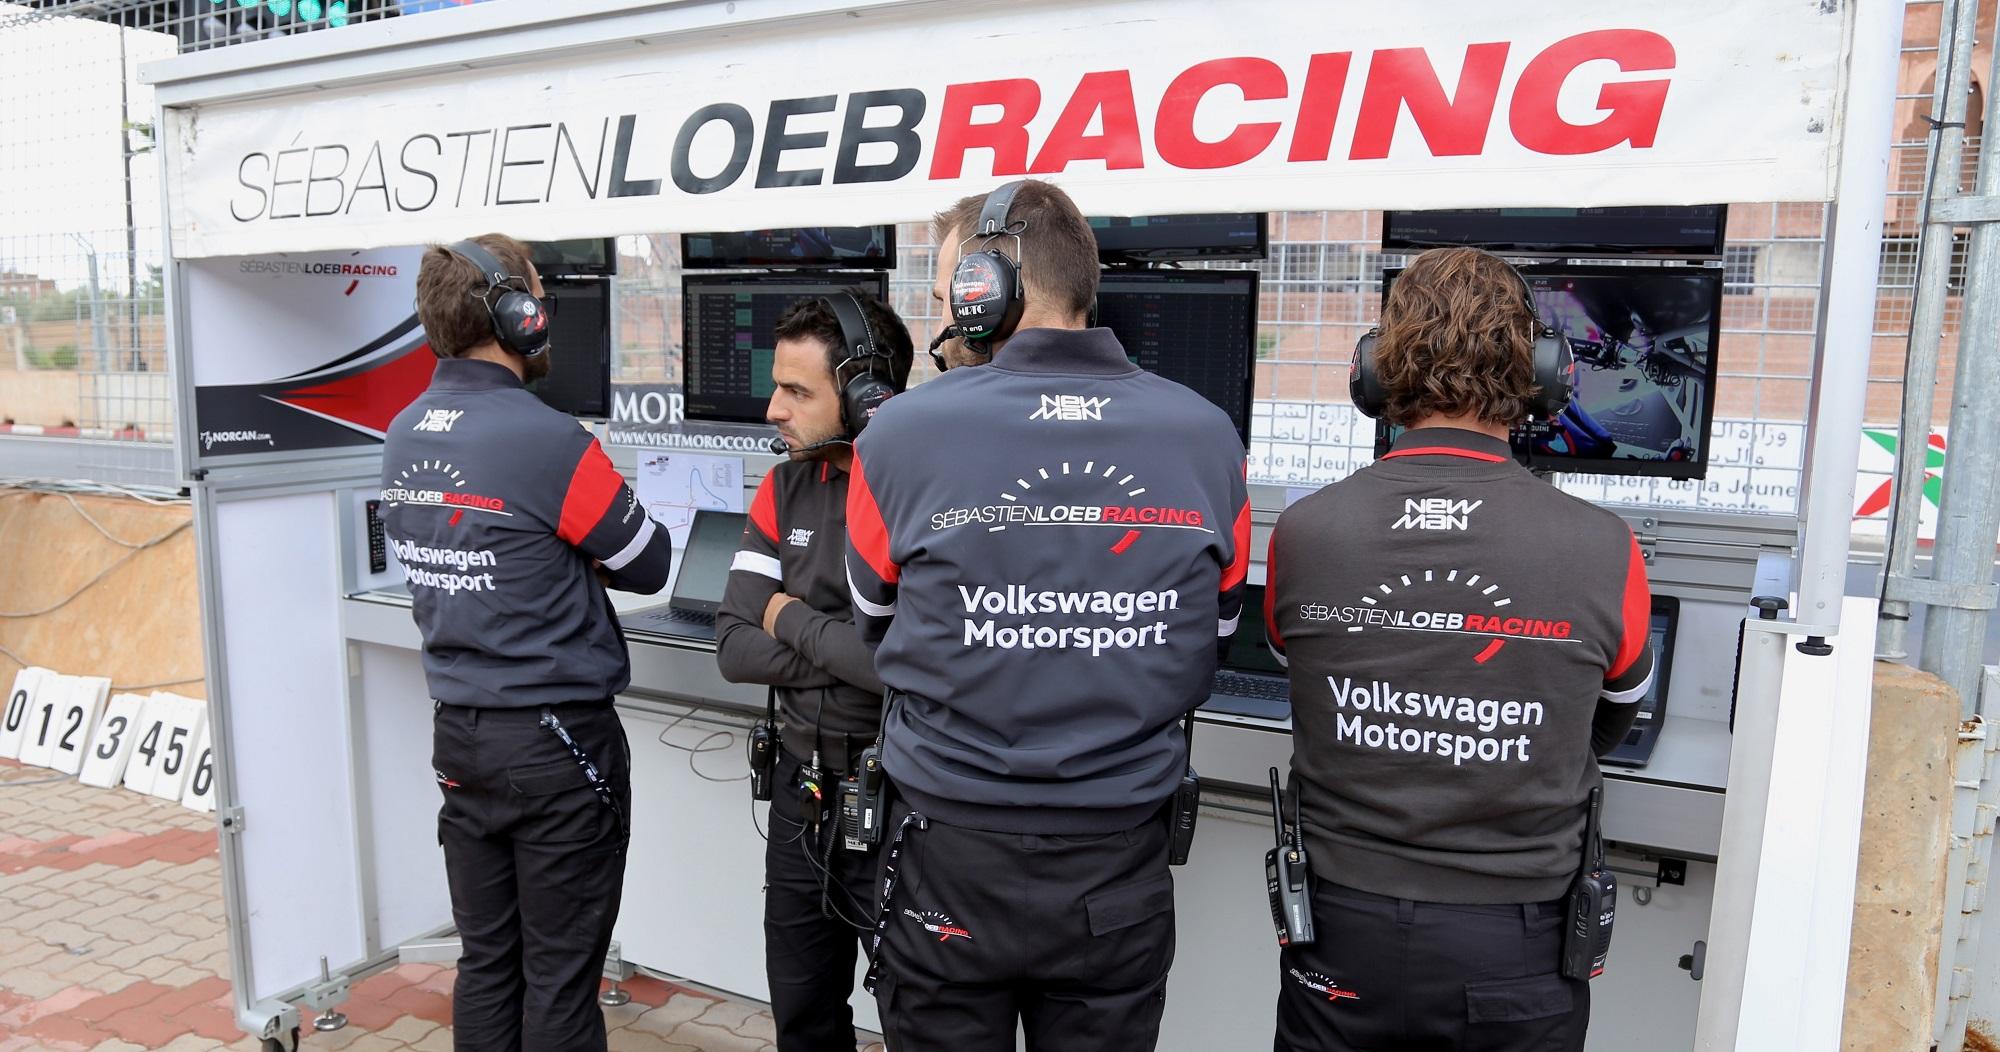 Etude des données en coulisses du Sébastien Loeb racing sur une course